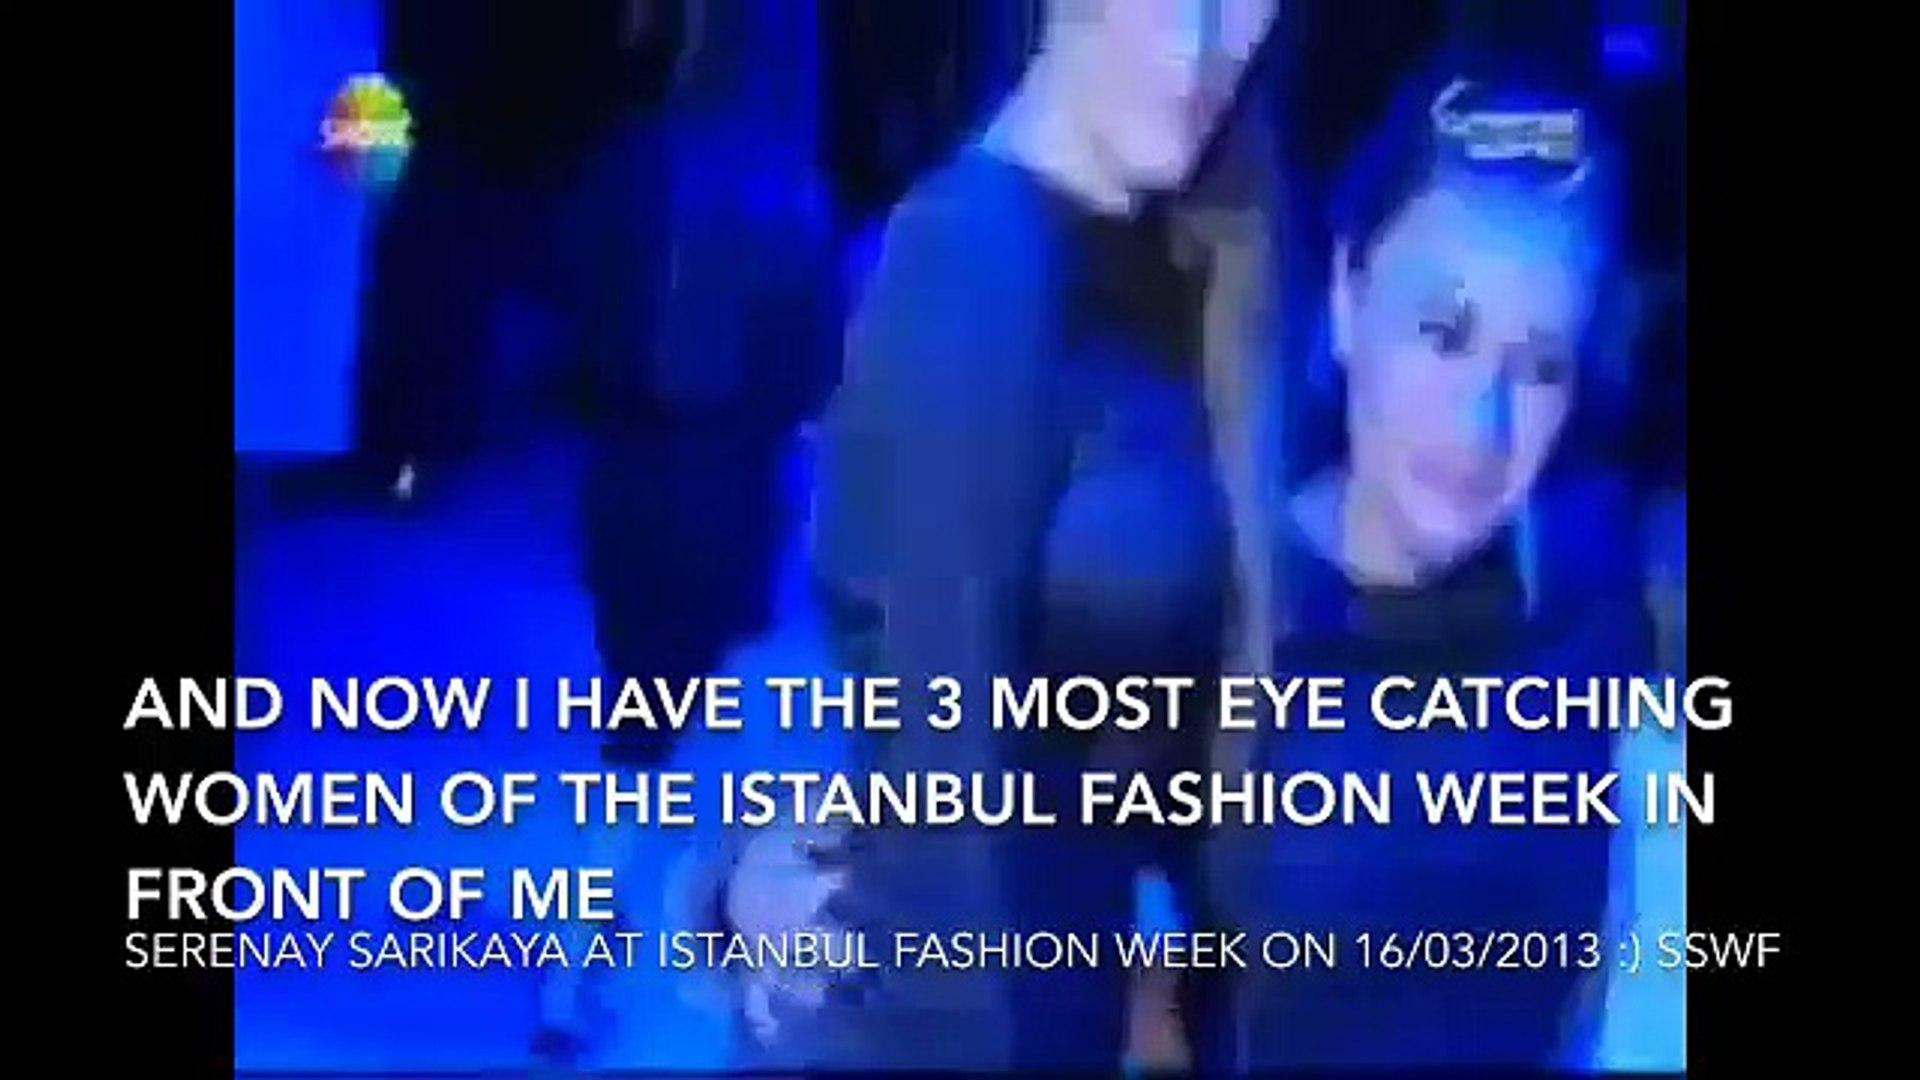 Serenay Sarikaya at Istanbul Fashion week 2013 with eng subtitles